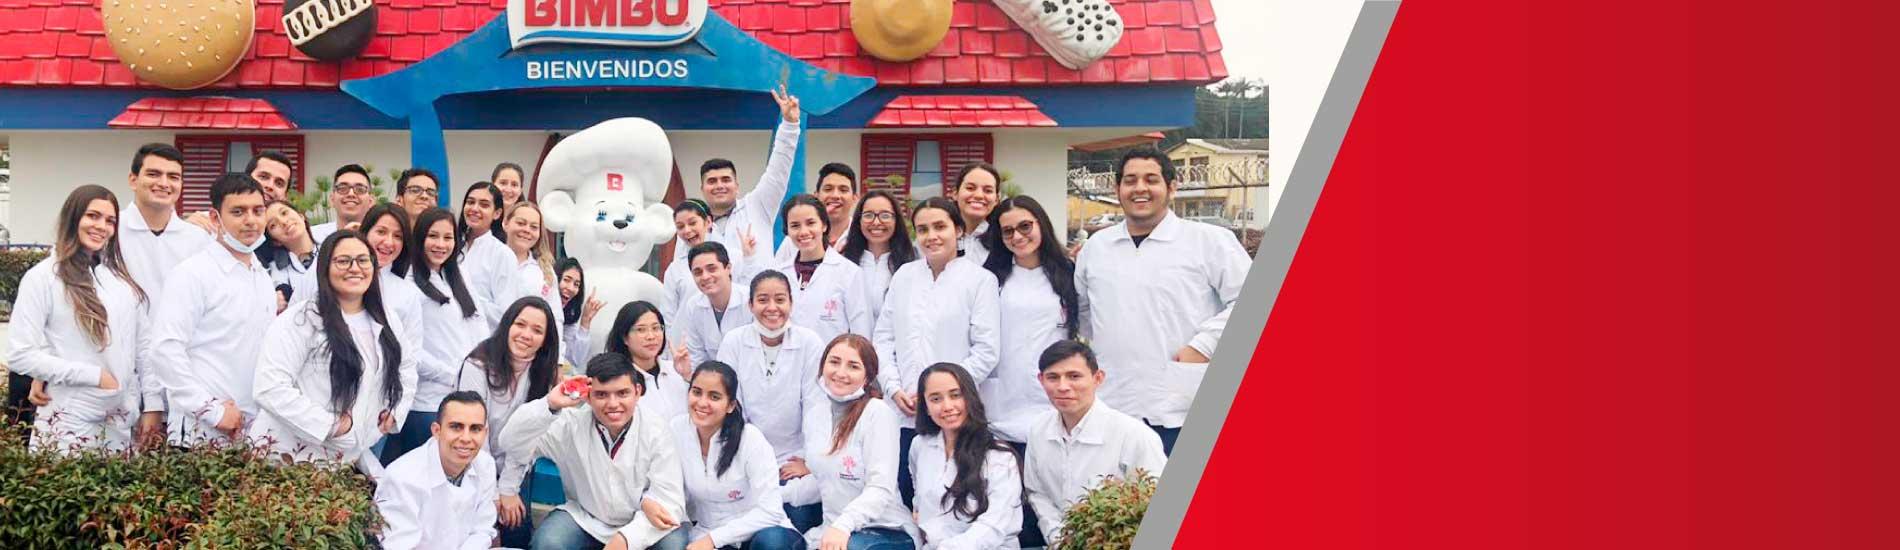 Con visitas empresariales Ingeniería Biotecnológica fortalece la formación académica de los estudiantes